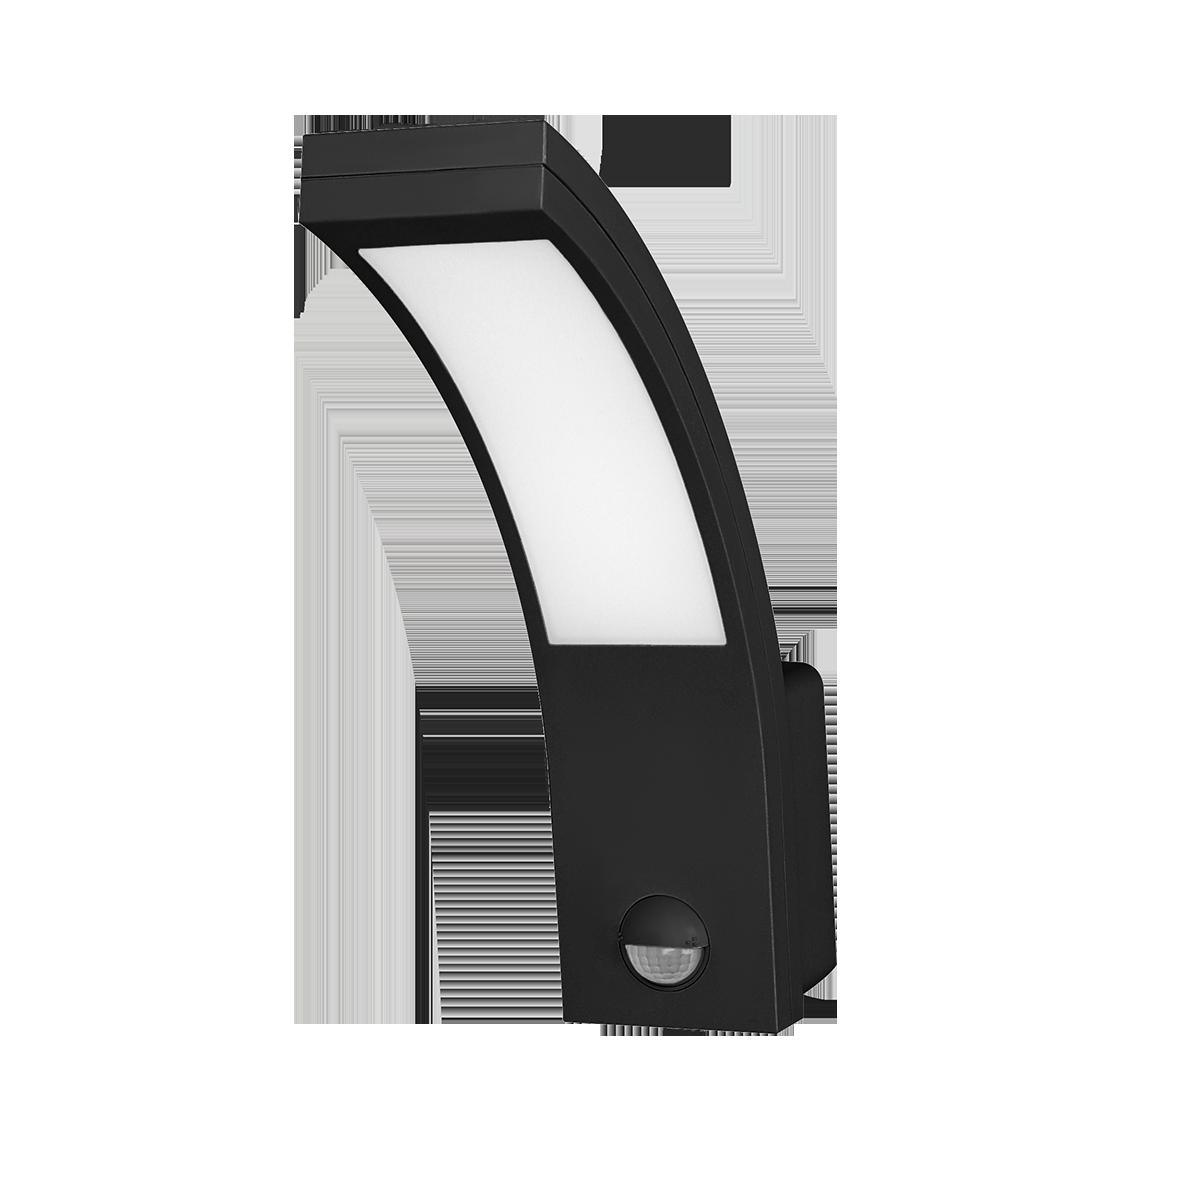 PIRYT LED 10W, oprawa ogrodowa z czujnikiem ruchu 140st, 850lm, IP54, 4000K, czarna